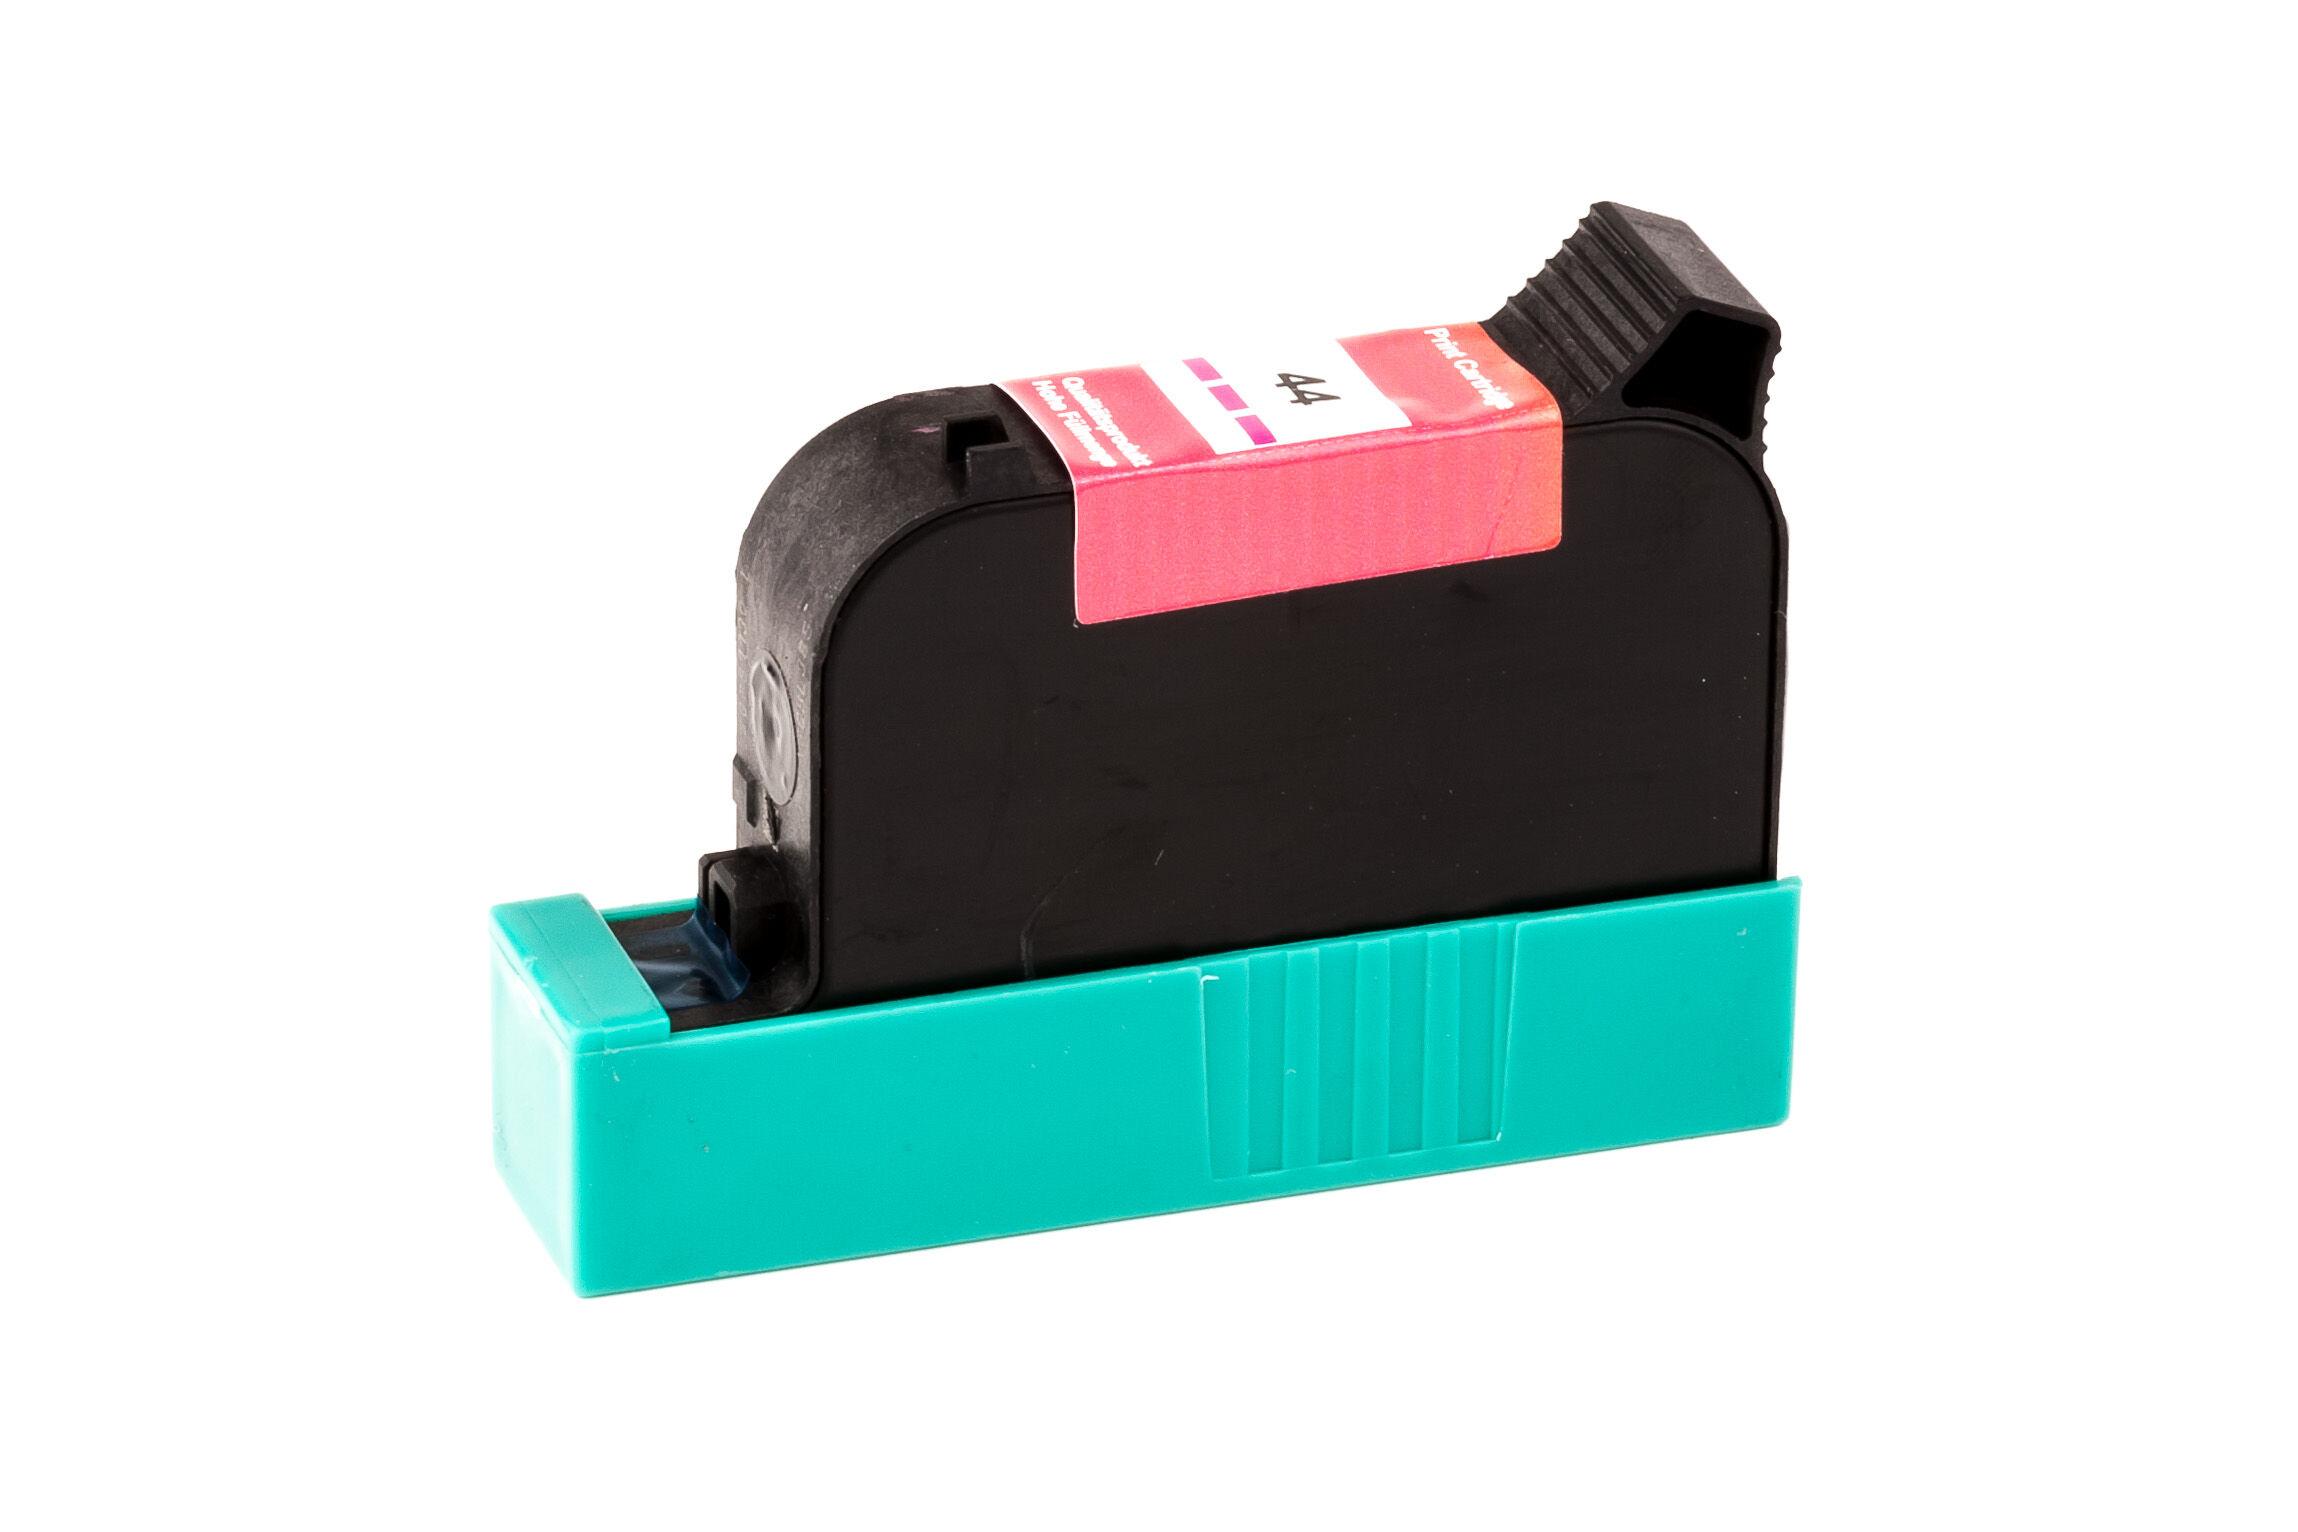 HP Cartouche d'encre pour HP 51644ME / 44 magenta compatible (de marque ASC)